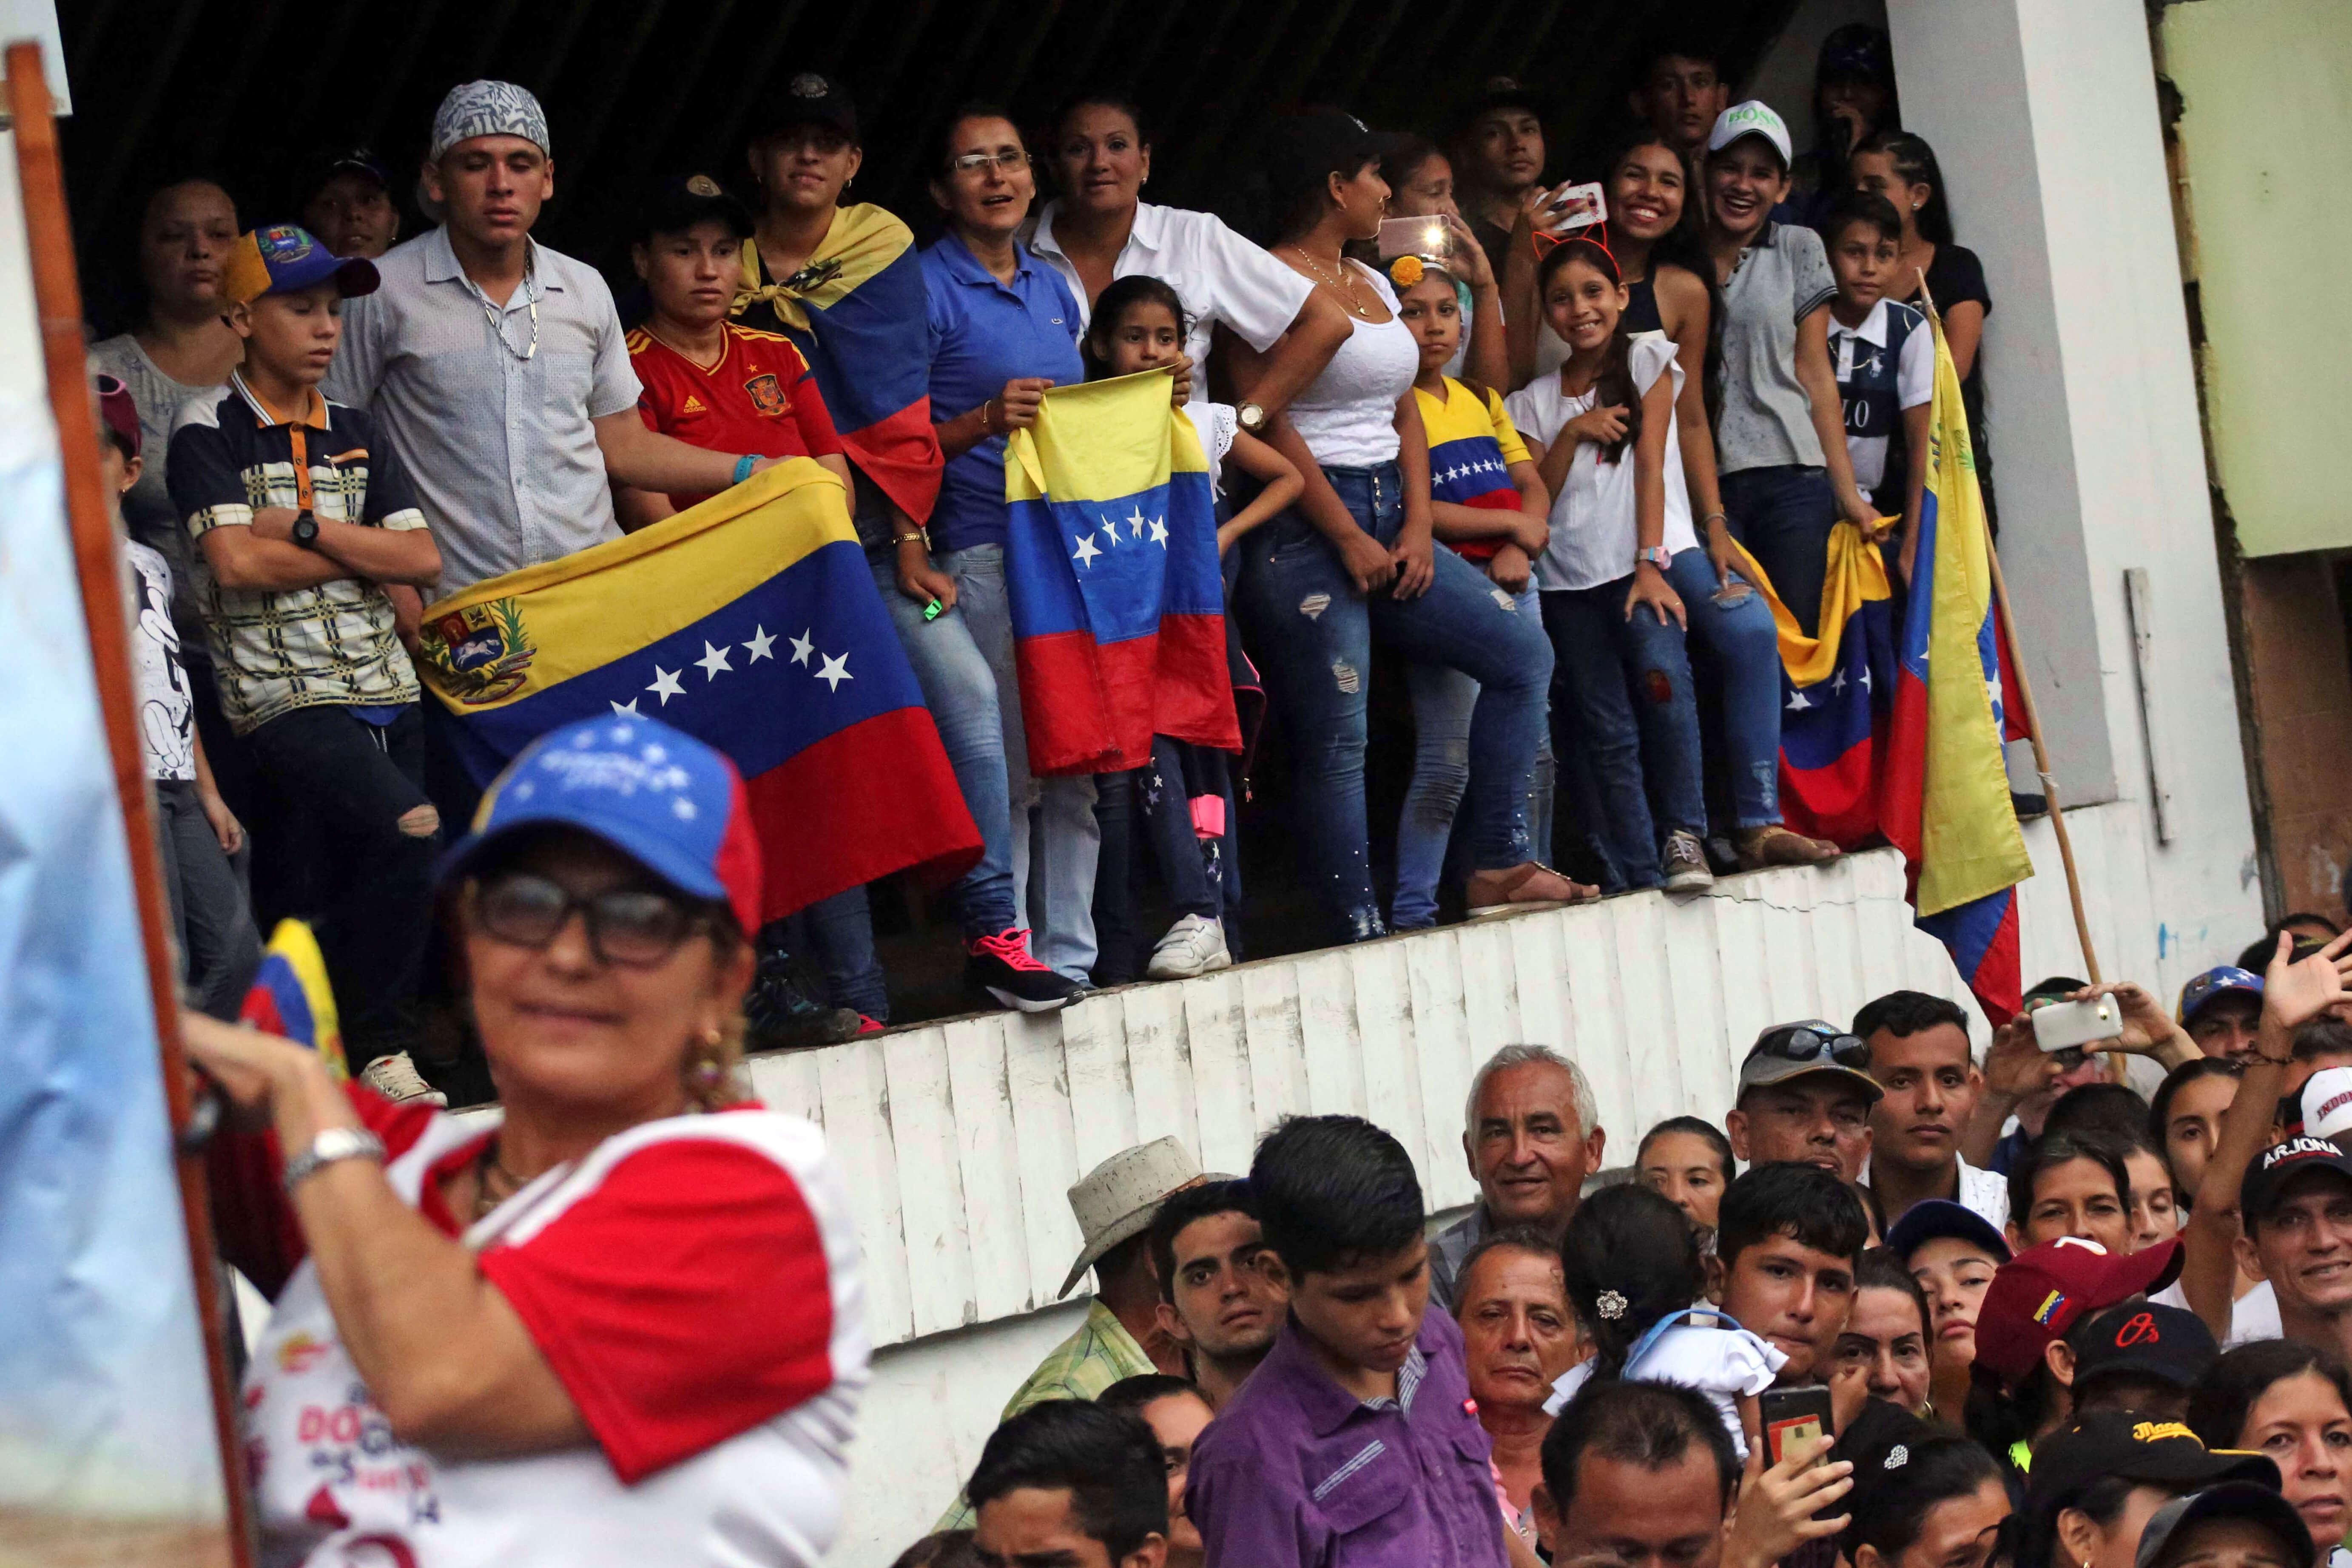 Βενεζουέλα: Επαφές της Ύπατης Αρμοστείας του ΟΗΕ με Μαδούρο και Γκουαϊδό